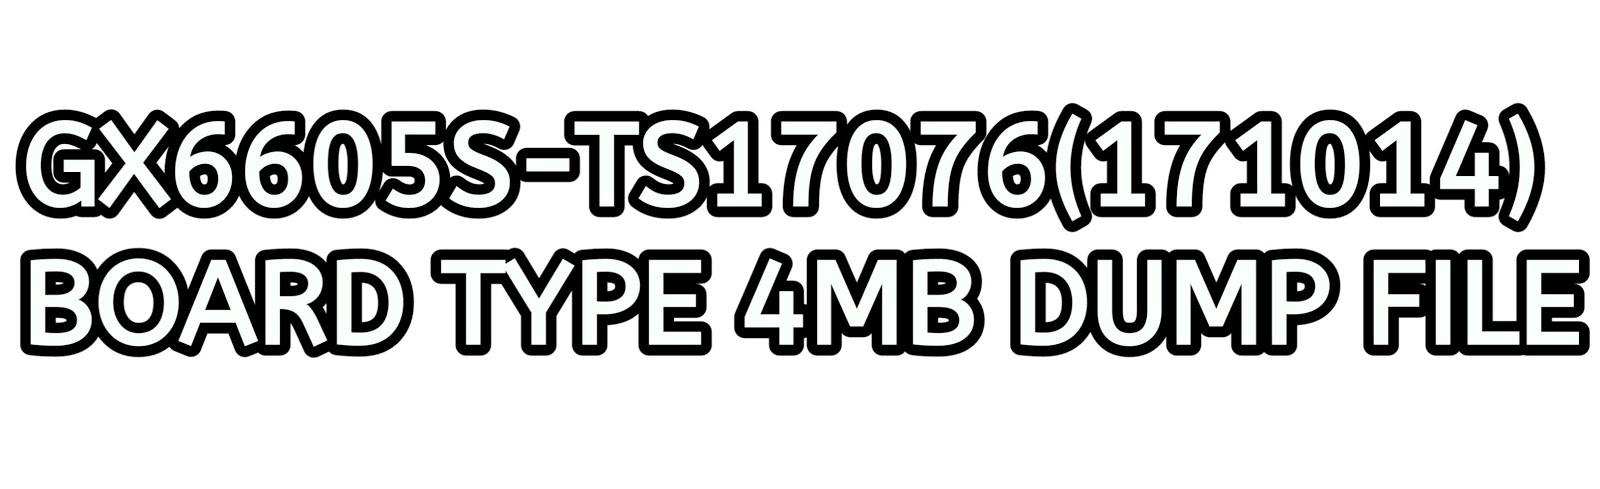 GX6605S-TS17076(171014) BOARD TYPE 4MB DUMP FILE